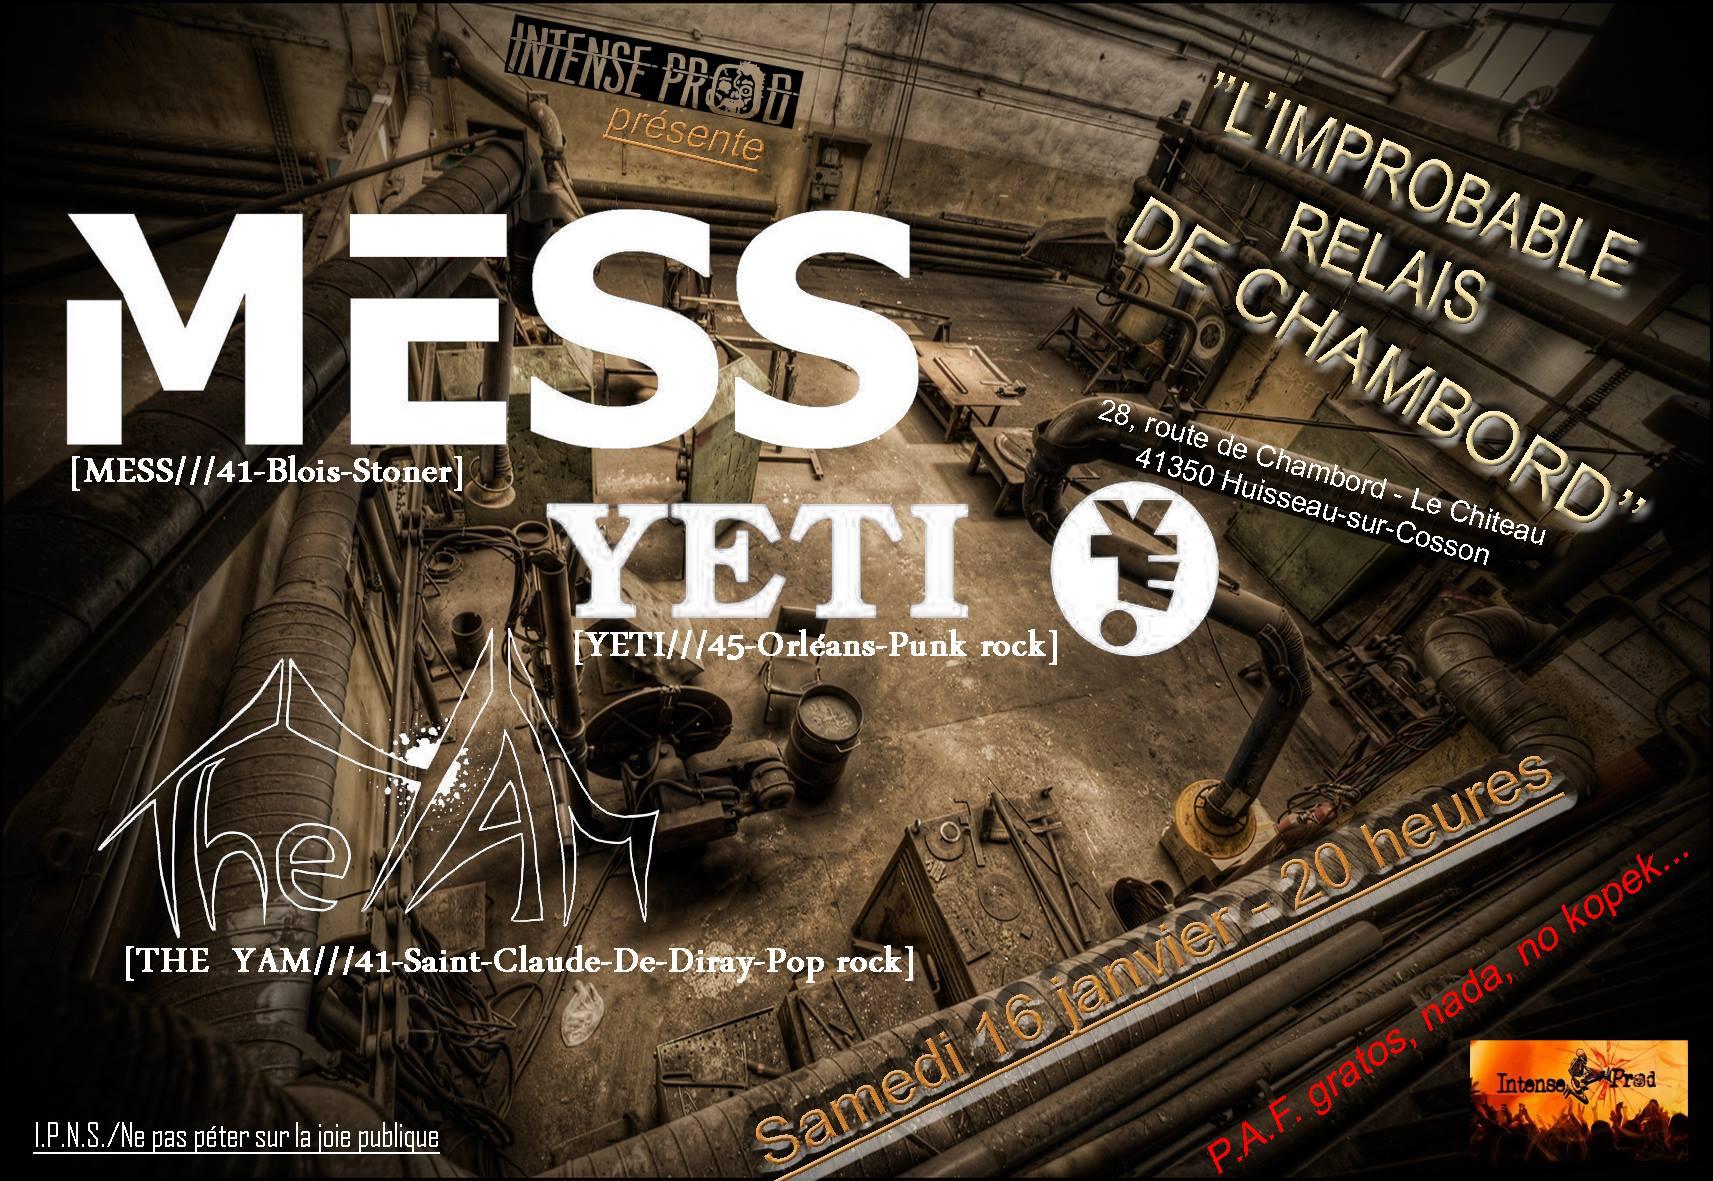 """16 janvier 2016 The Yam, Yeti, Mess à Huisson sur Cosson L'improbable """"Relais de Chambord"""""""